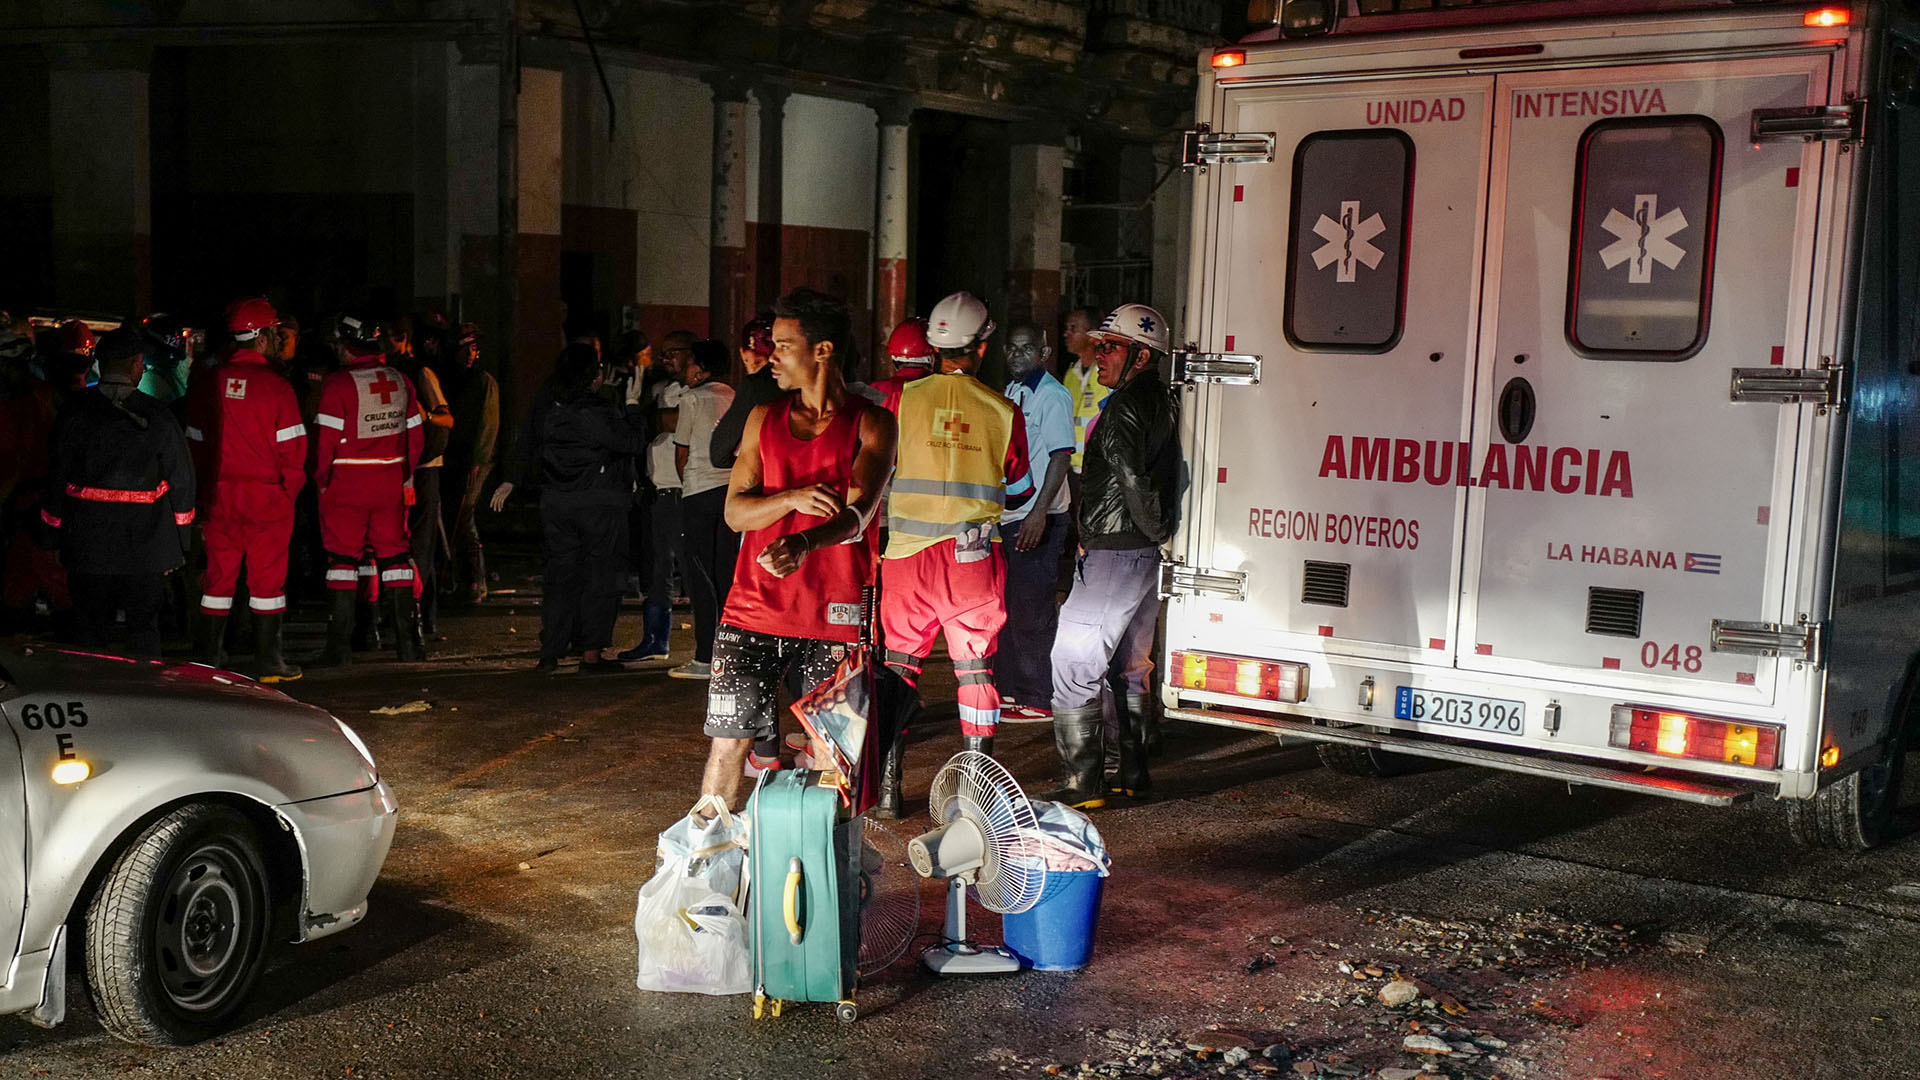 Los afectados por el fenómeno sacaron de sus casas lo que quedó sano tras el tornado (AFP)